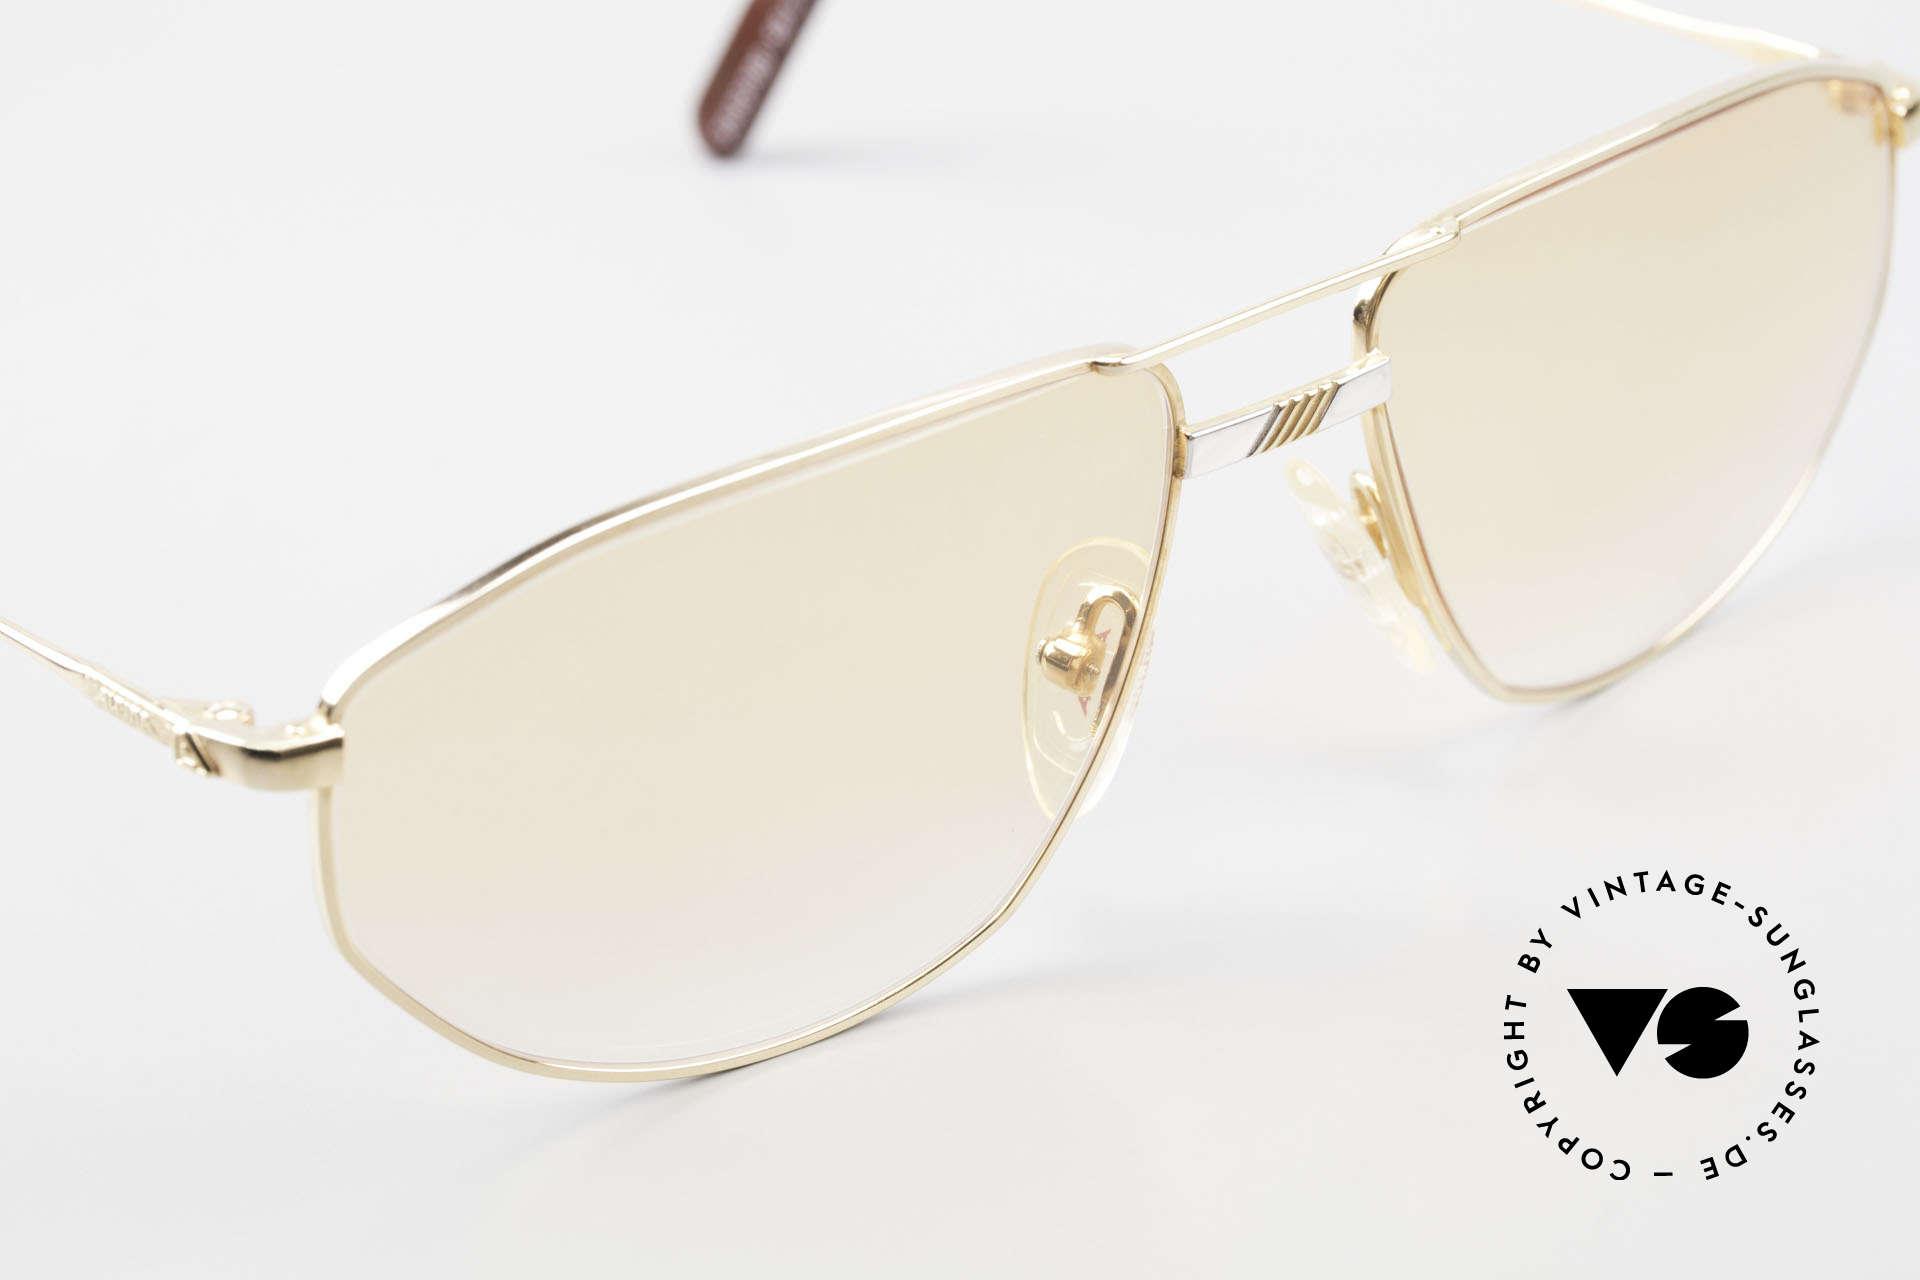 Alpina FM41 Stylische 80er Sonnenbrille, KEINE retro Brille; ein circa 30 J. altes ORIGINAL, Passend für Herren und Damen